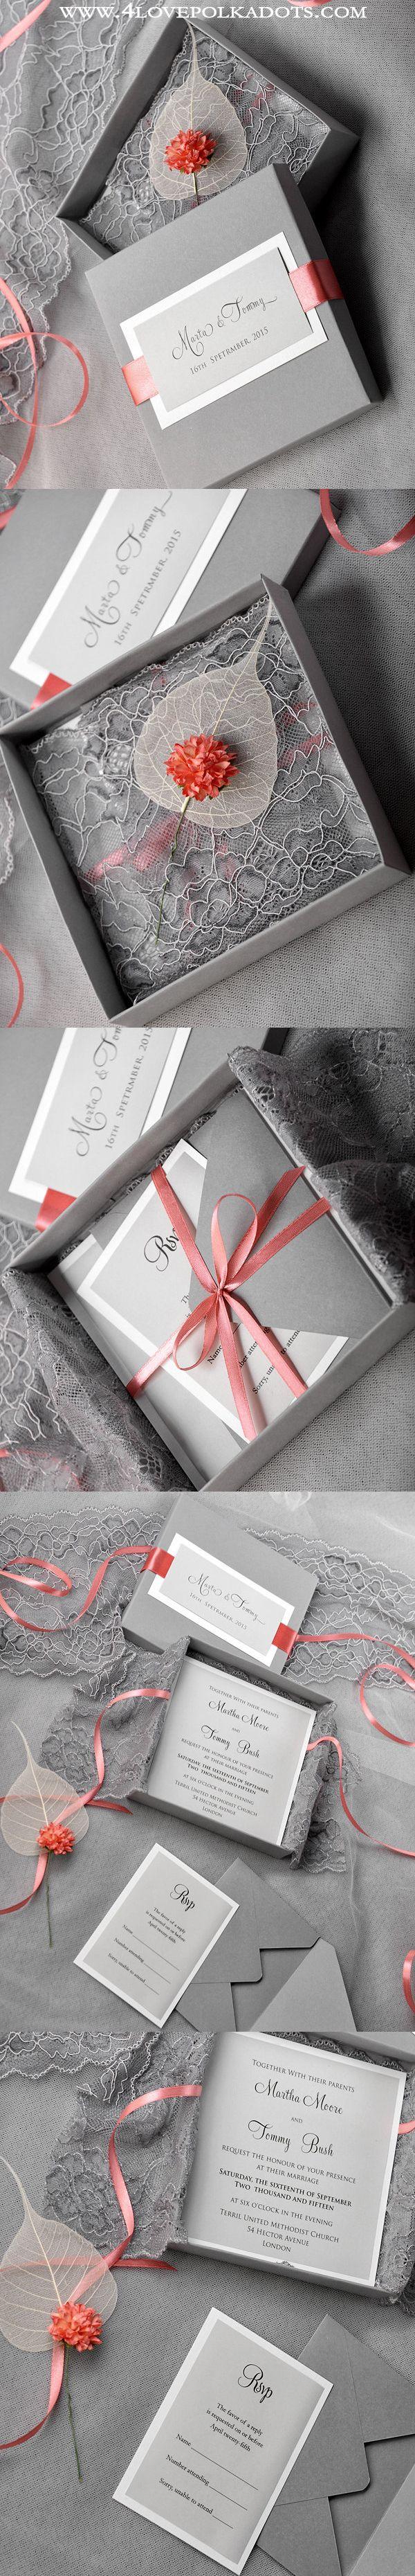 Wedding Invitation in a box Grey & Lace #weddingideas #vintagewedding #romanticwedding